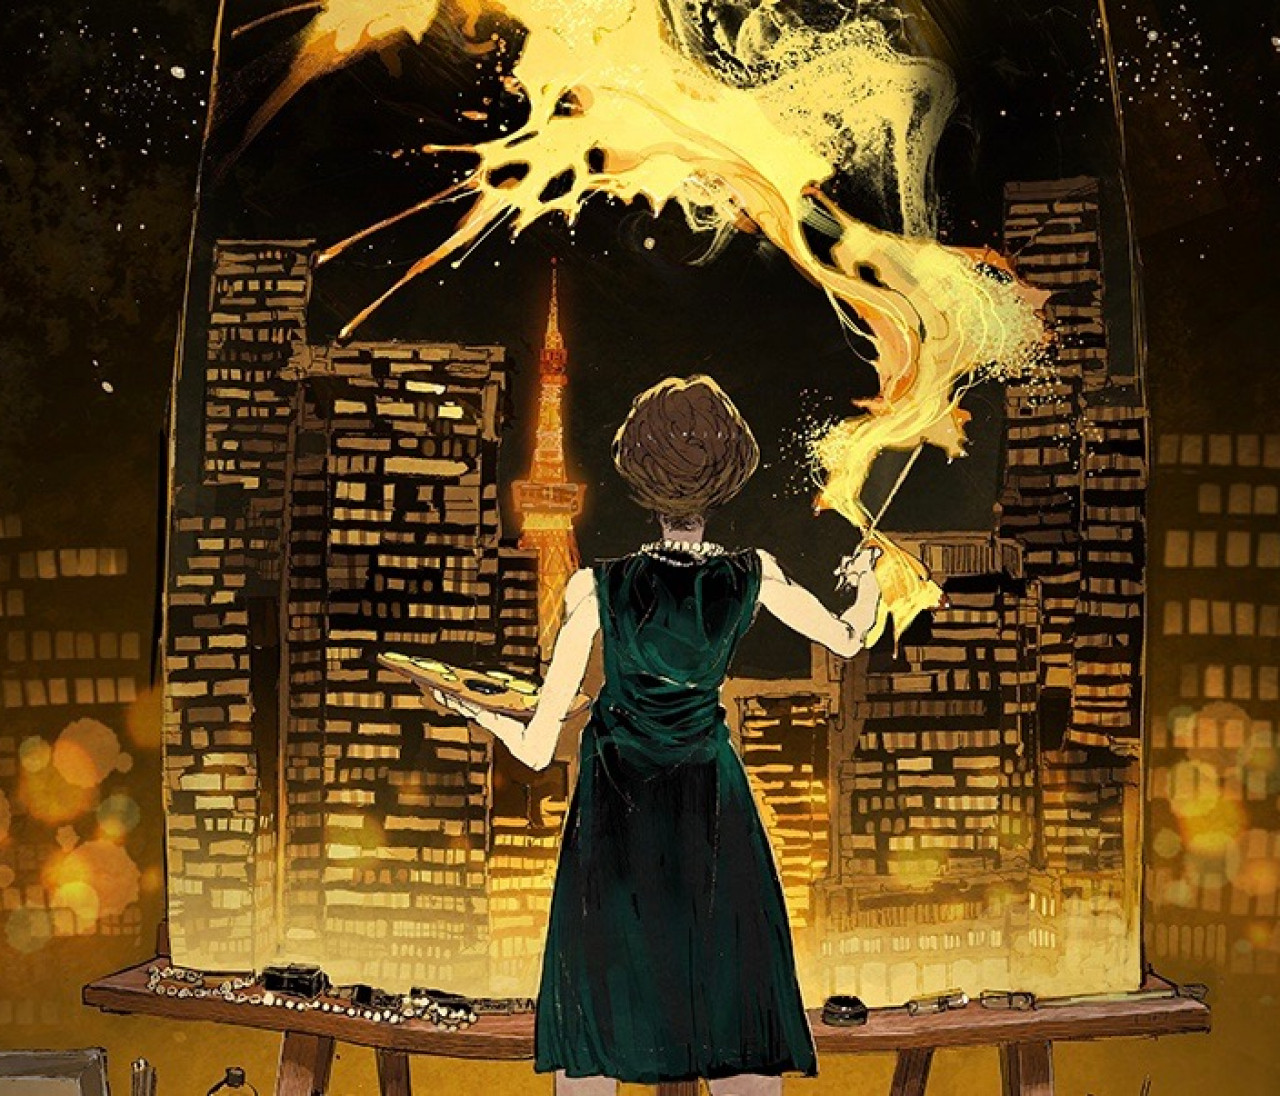 【『約束のネバーランド』の作家が描くシャネルの世界】「週刊少年ジャンプ」の人気作家と、シャネルが奇跡のコラボレーション。コミック発売&展覧会の開催も!